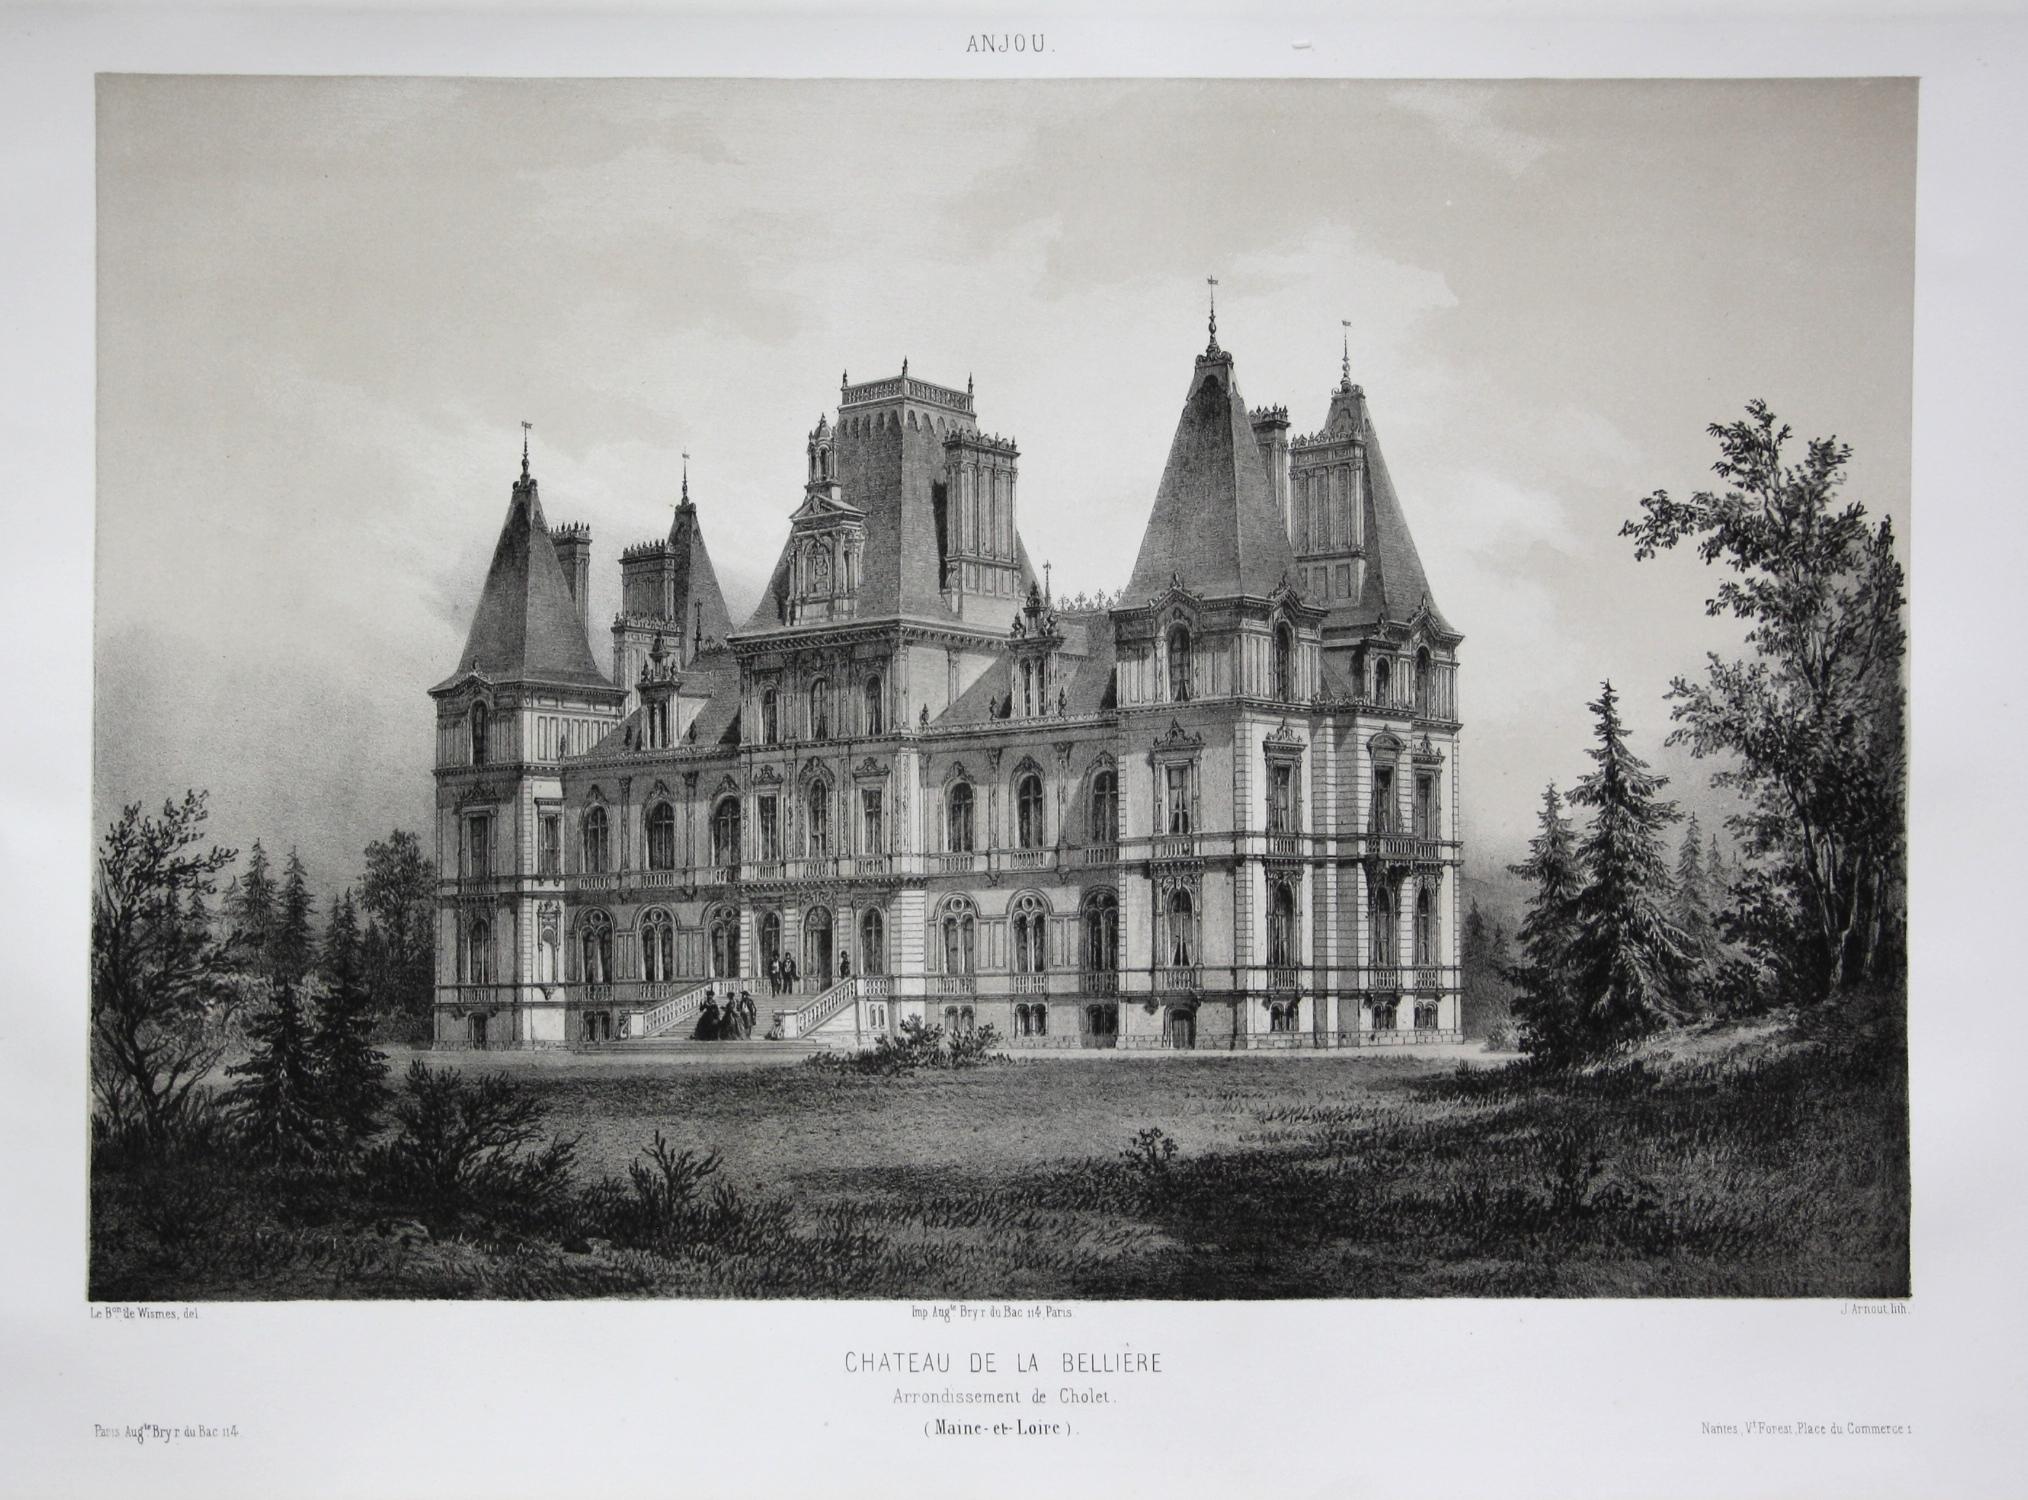 Chateau de la Belliere / Arrond. Cholet: Wismes, Olivier de